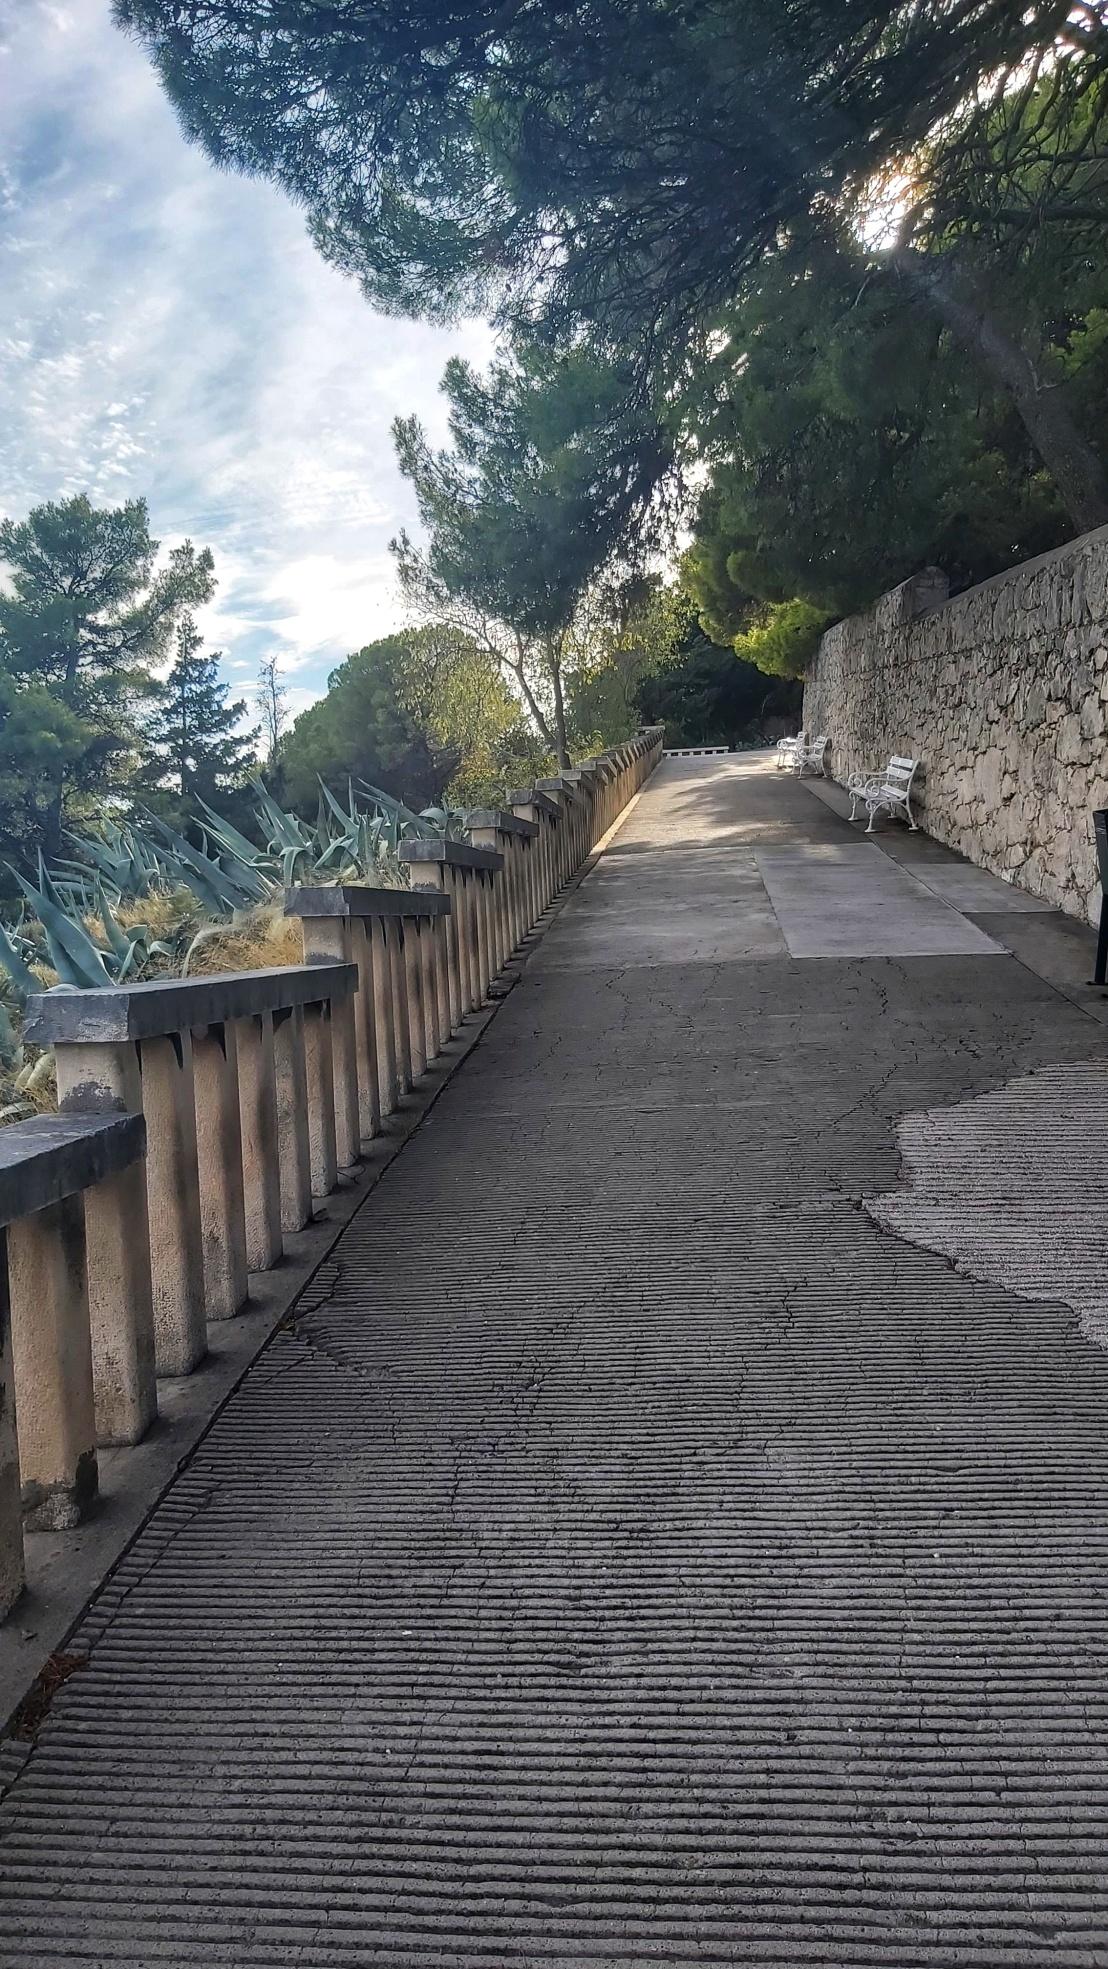 A pathway in Park Suma Marjan in Split, Croatia